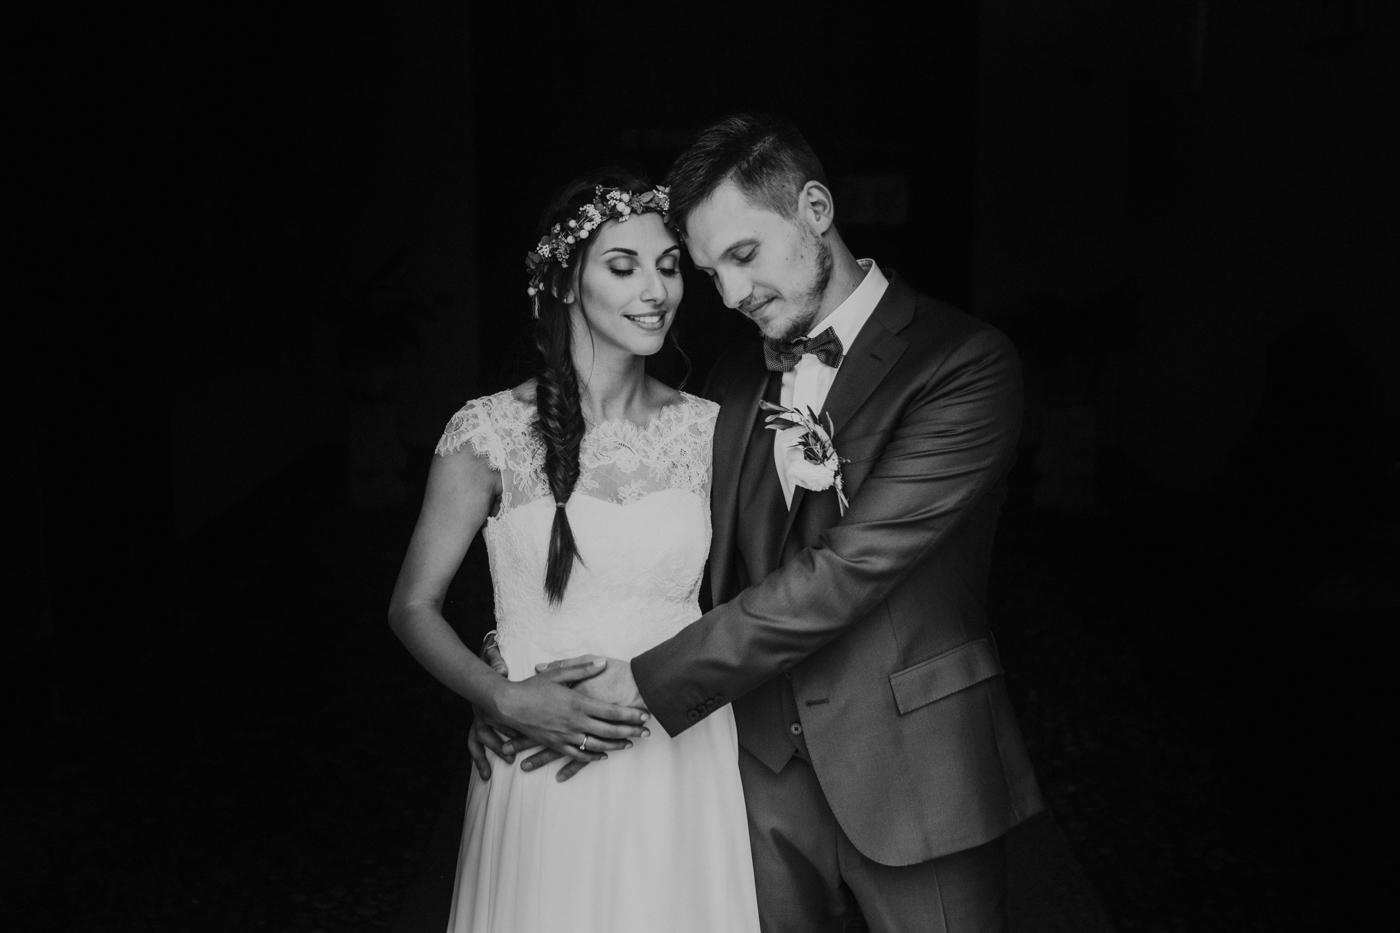 fotografo matrimonio como-104.jpg